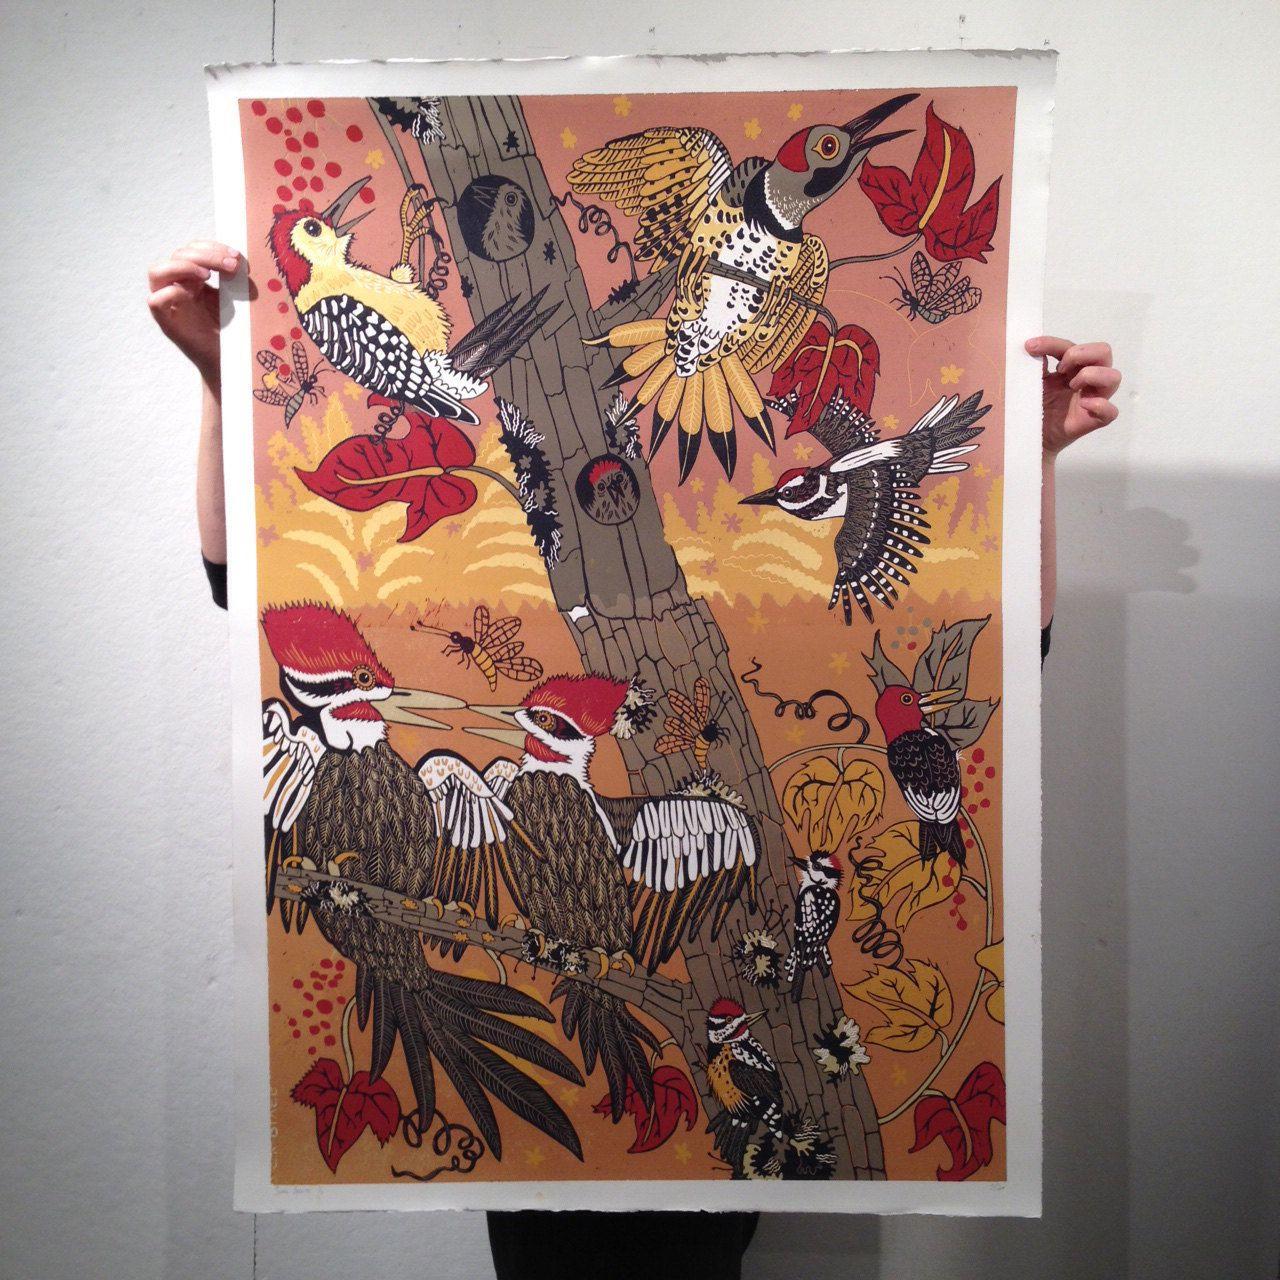 Large Woodpecker woodcut showing seven species of birds by jpopstudios on Etsy